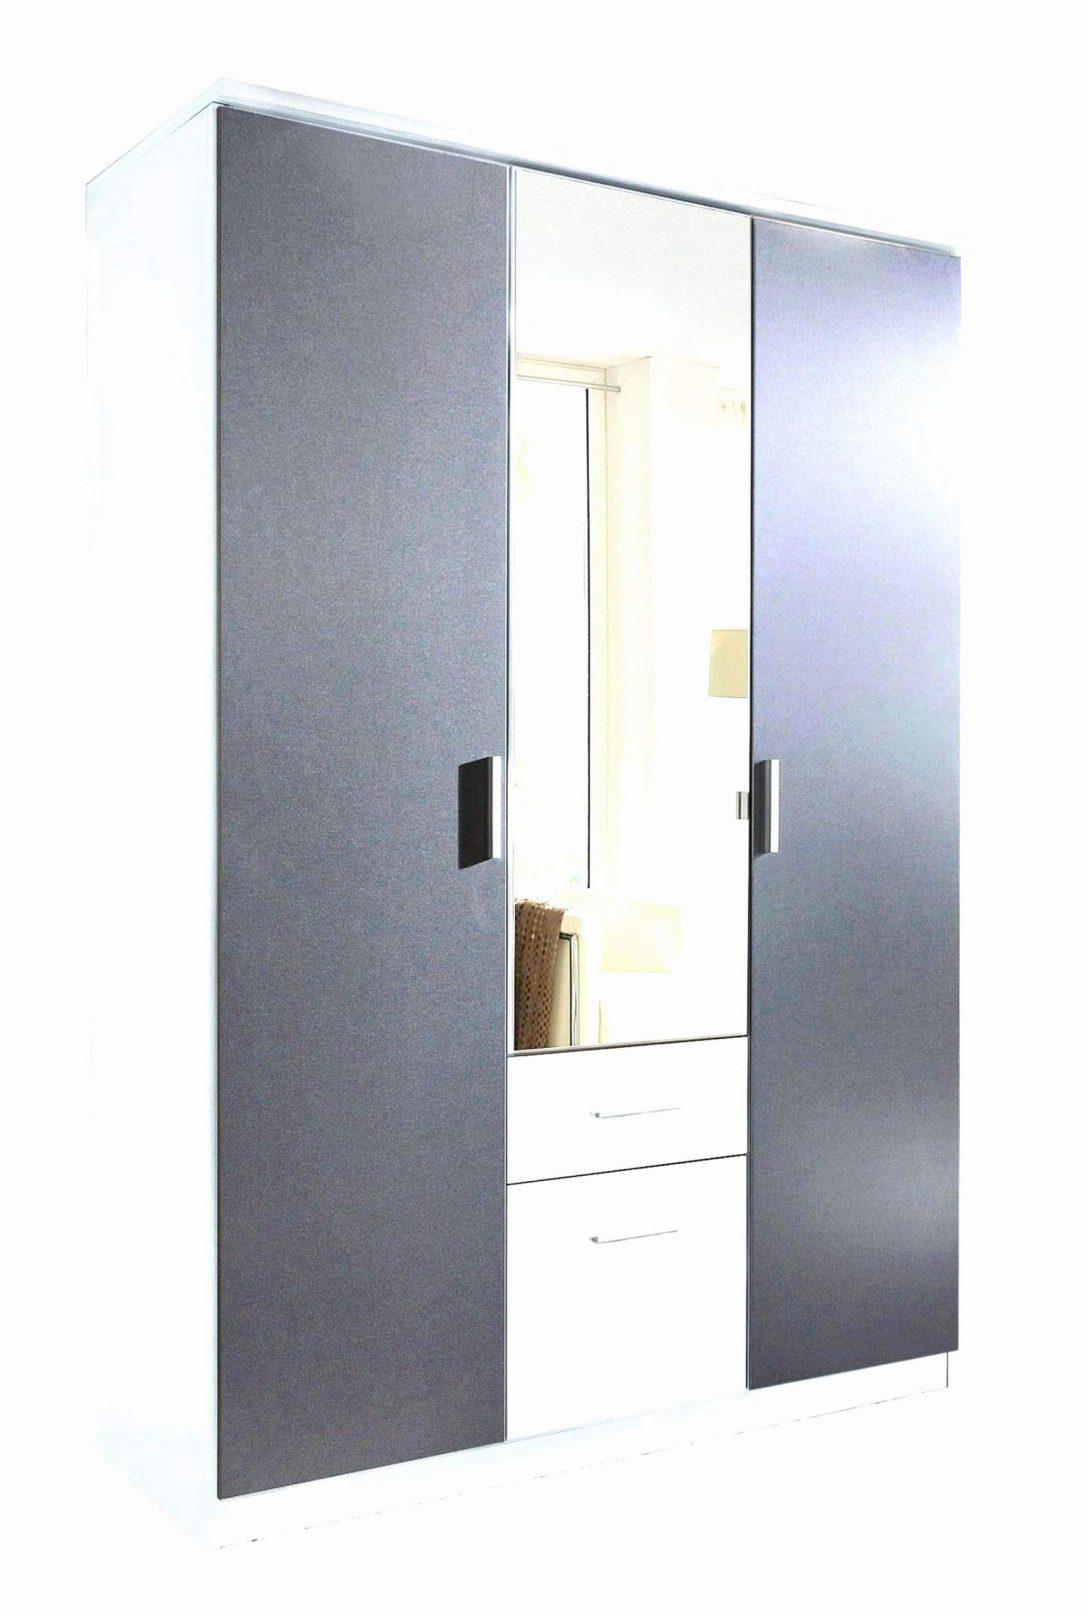 Large Size of Eckschrank Ikea Eckschrnke Wohnzimmer Elegant Schlafzimmer Küche Kosten Miniküche Modulküche Sofa Mit Schlaffunktion Kaufen Betten Bei Bad 160x200 Wohnzimmer Eckschrank Ikea